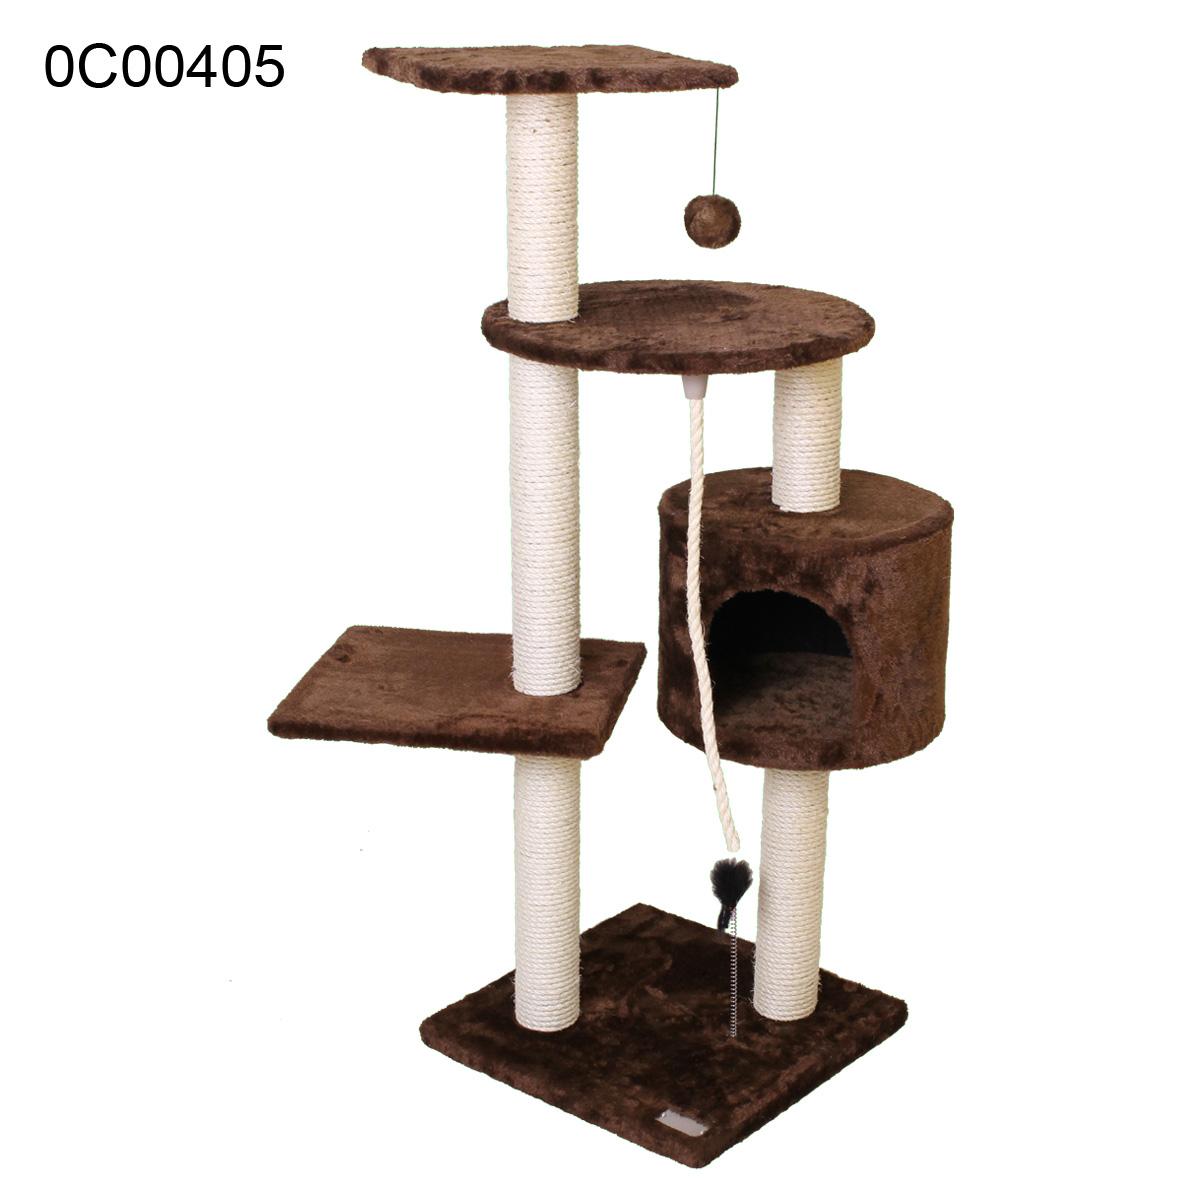 kratzbaum katze angebote auf waterige. Black Bedroom Furniture Sets. Home Design Ideas